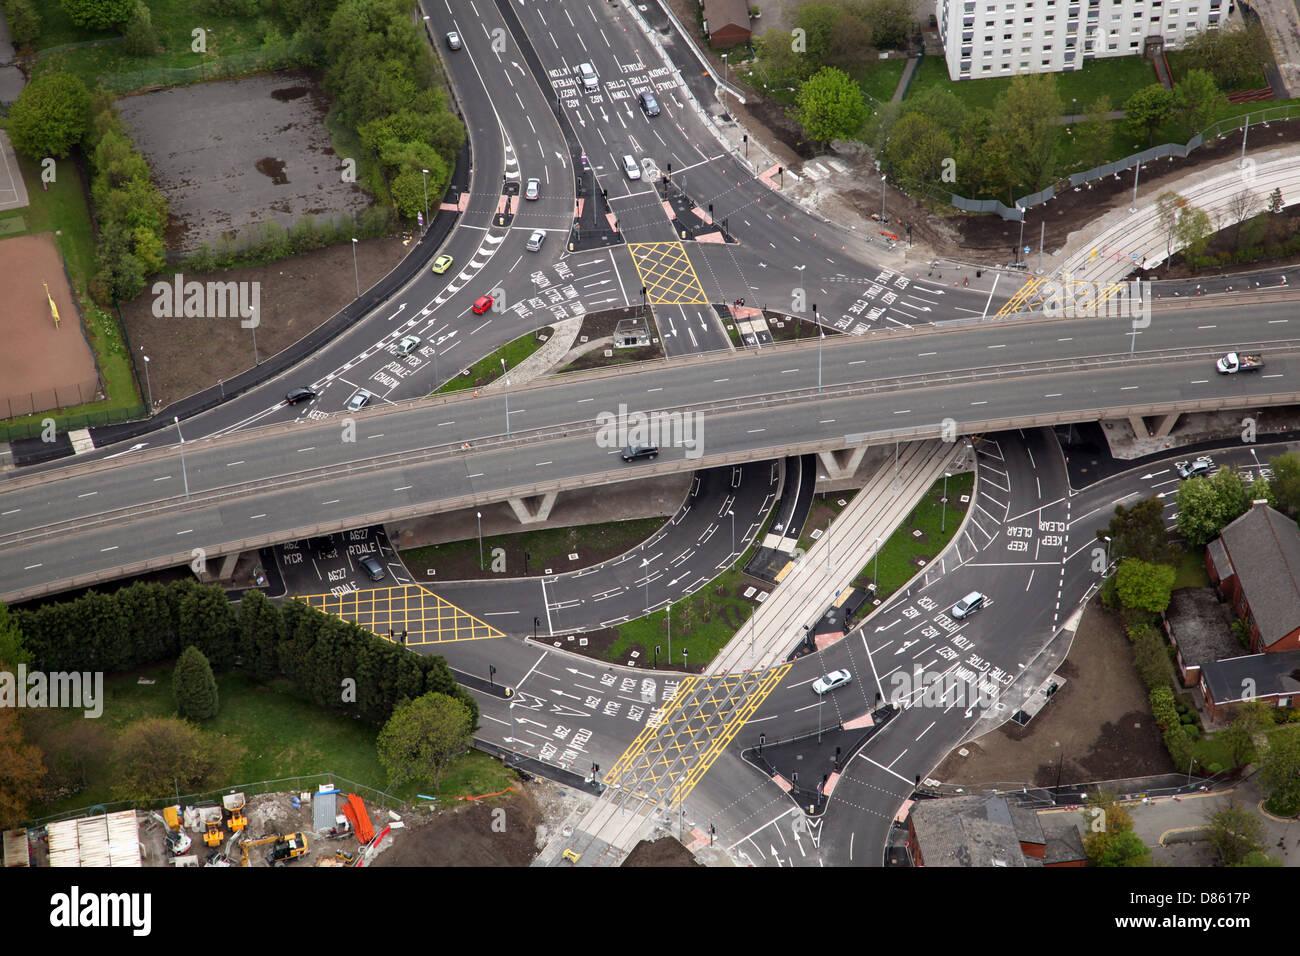 Vue aérienne d'un grand rond-point de jonction avec beaucoup des marquages routiers et d'un nouveau Photo Stock